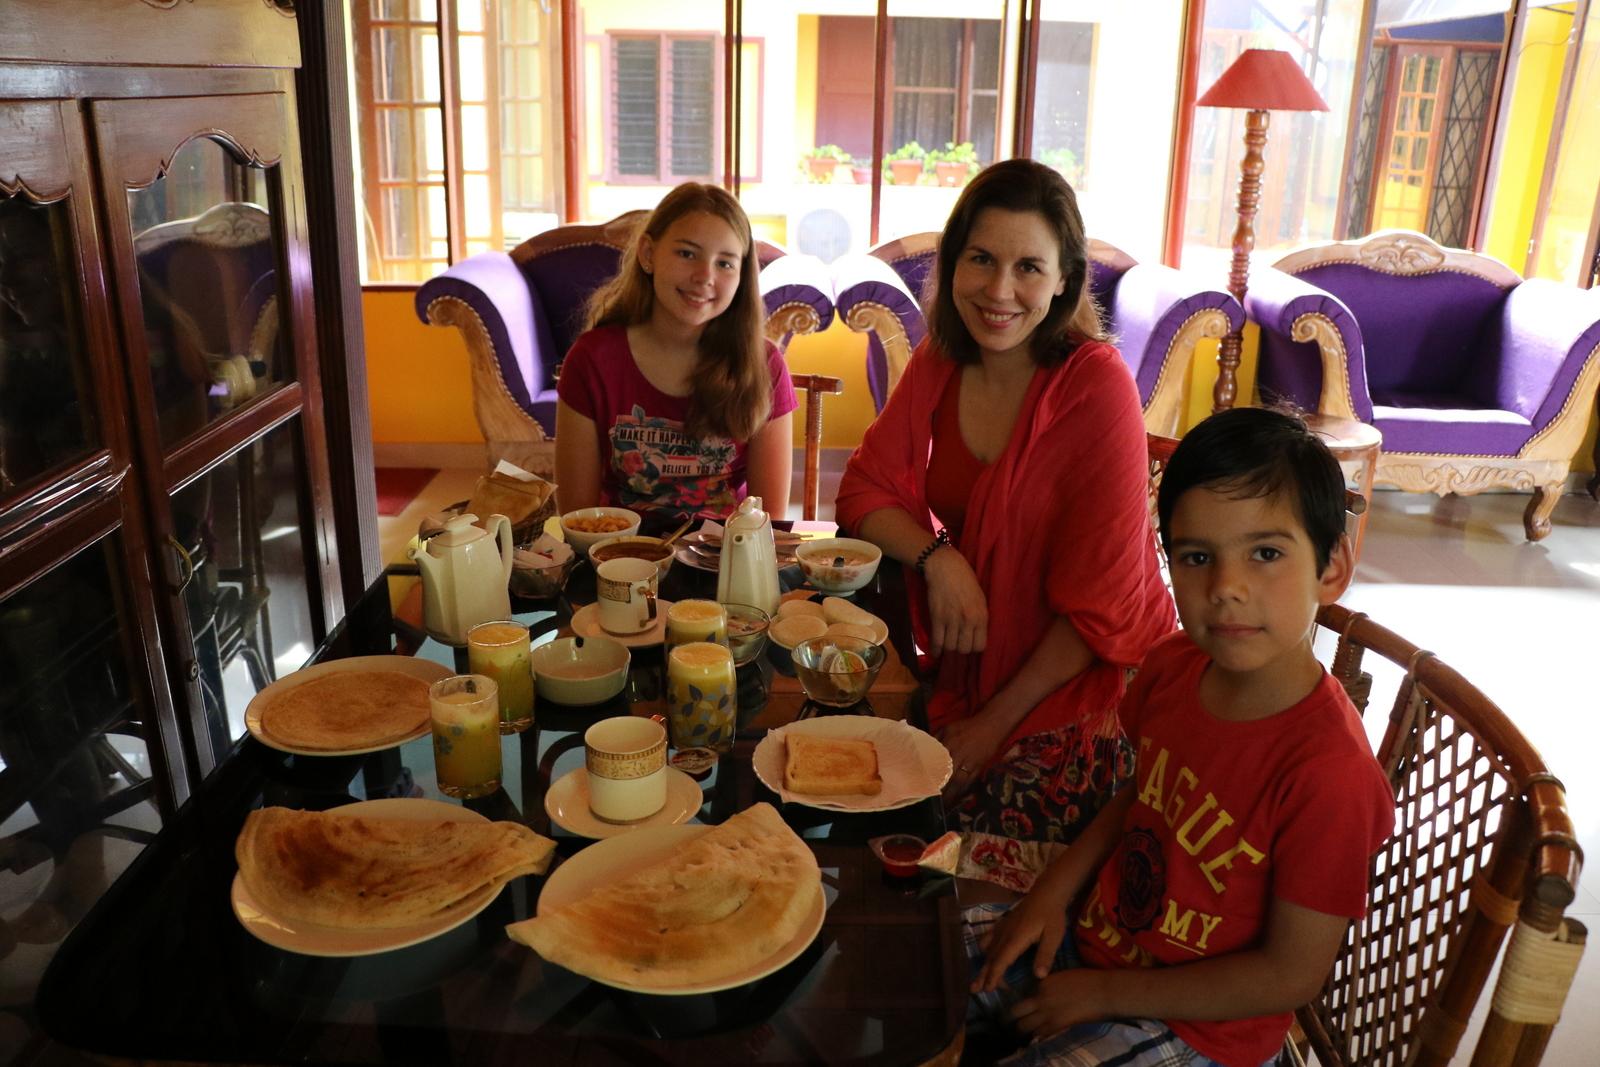 Tämä jäi mieleen. Aamiainen sisältyi huoneen hintaan ja oli niin runsas, ettemme saaneet kaikkea edes syötyä. Oli dosaa, idliä, ananasmehua ja kahvia. Ihan huippua!